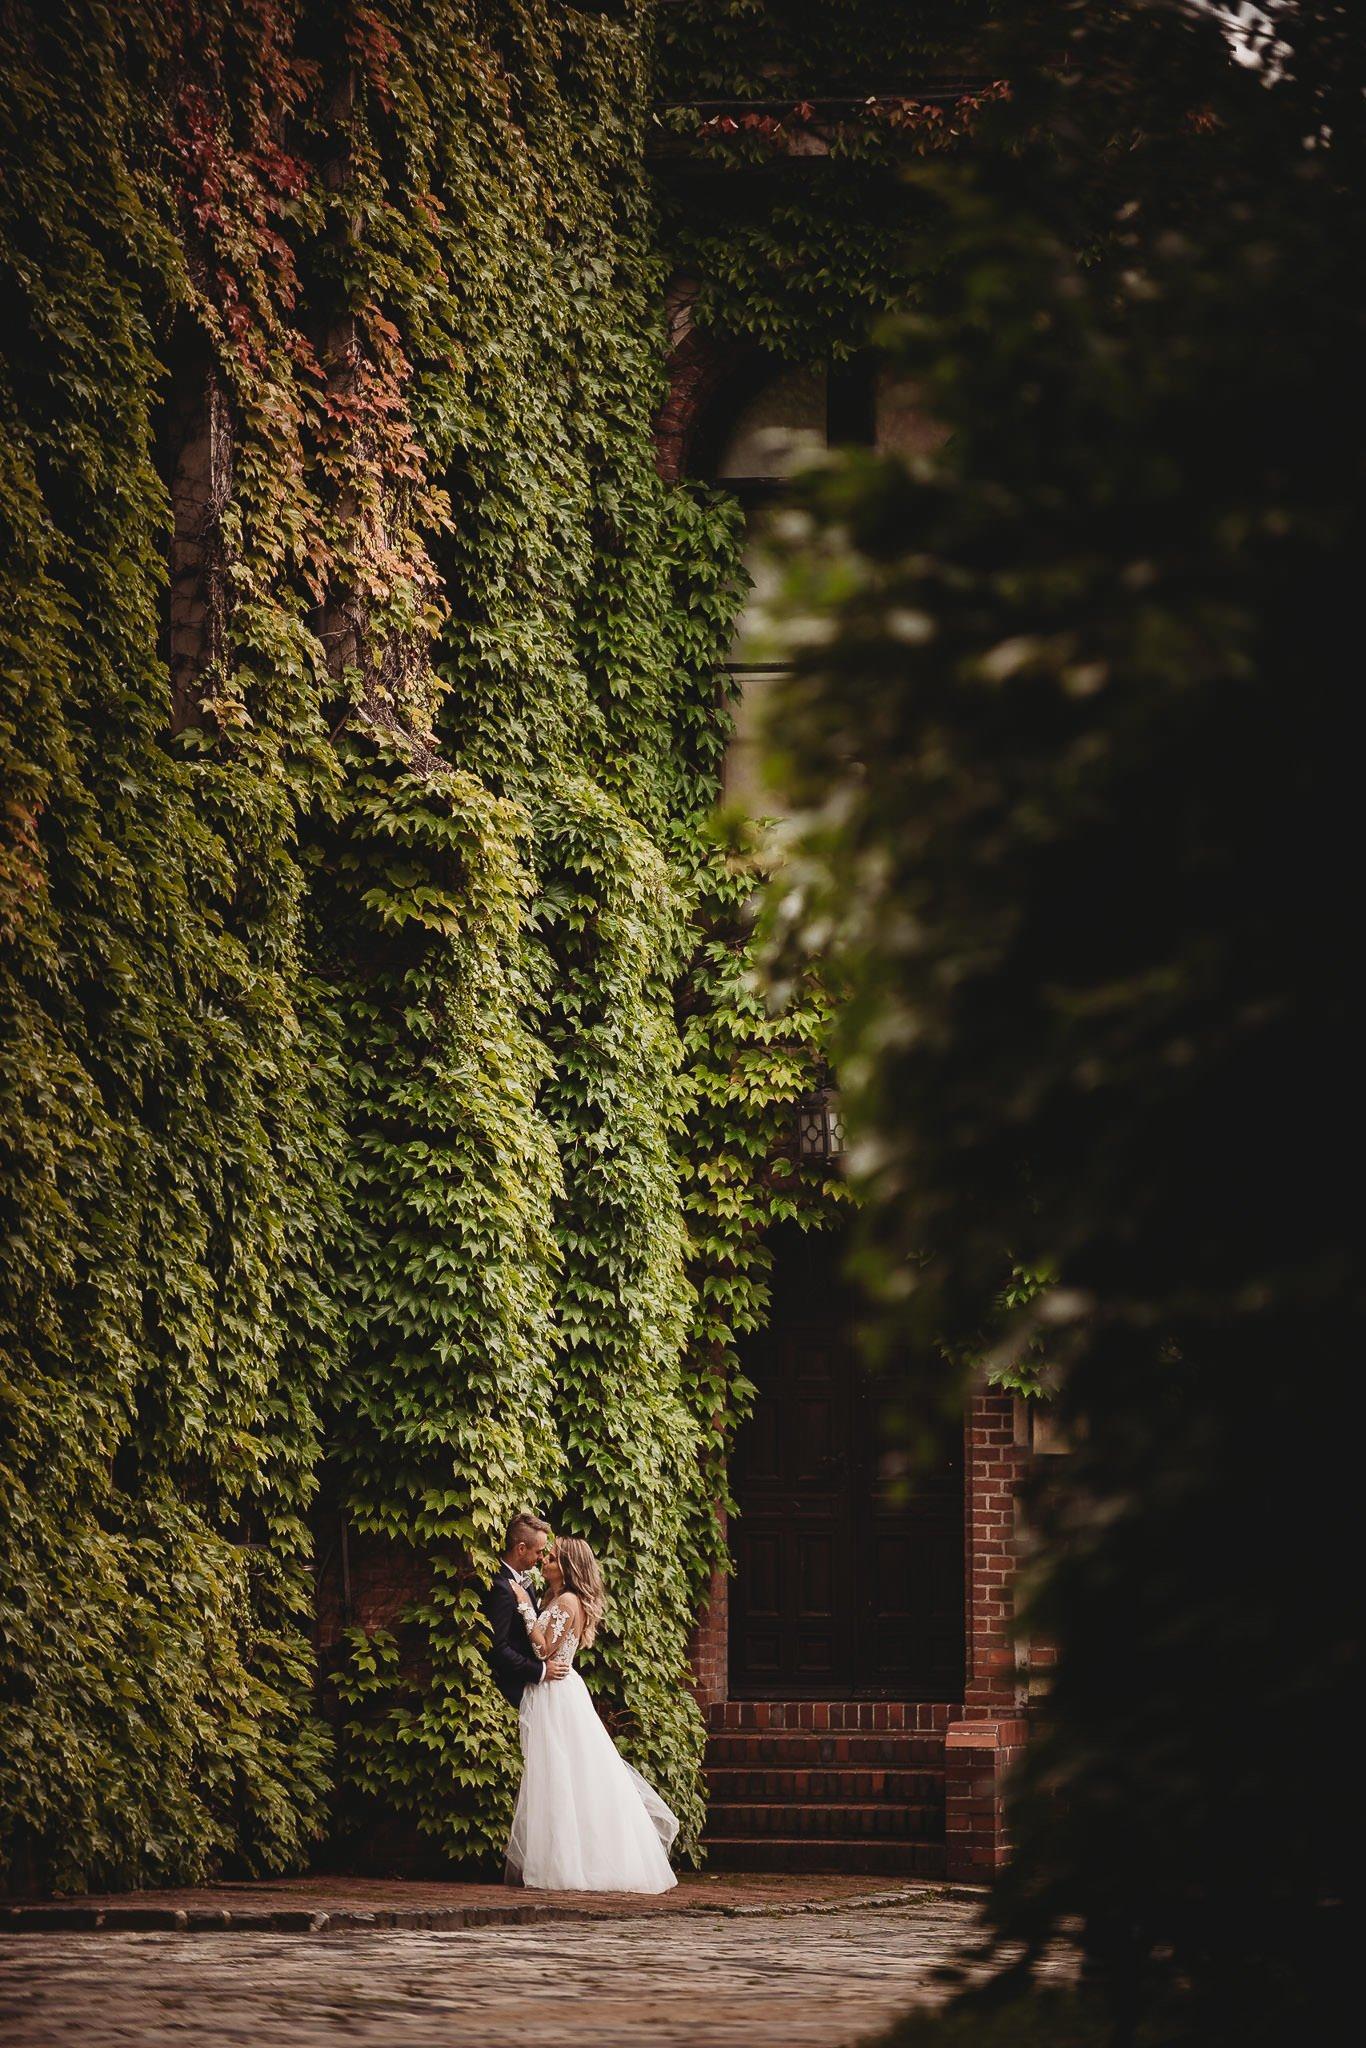 zamek Gołuchów, sesja plenerowa, pałac w Gołuchowie,sesja zamkowa, muzeum w Gołuchowie, zamek Czrtoryskich, romantyczna sesja w zamku, piękne zdjęcia, piękne fotografie, park w Gołuchowie,